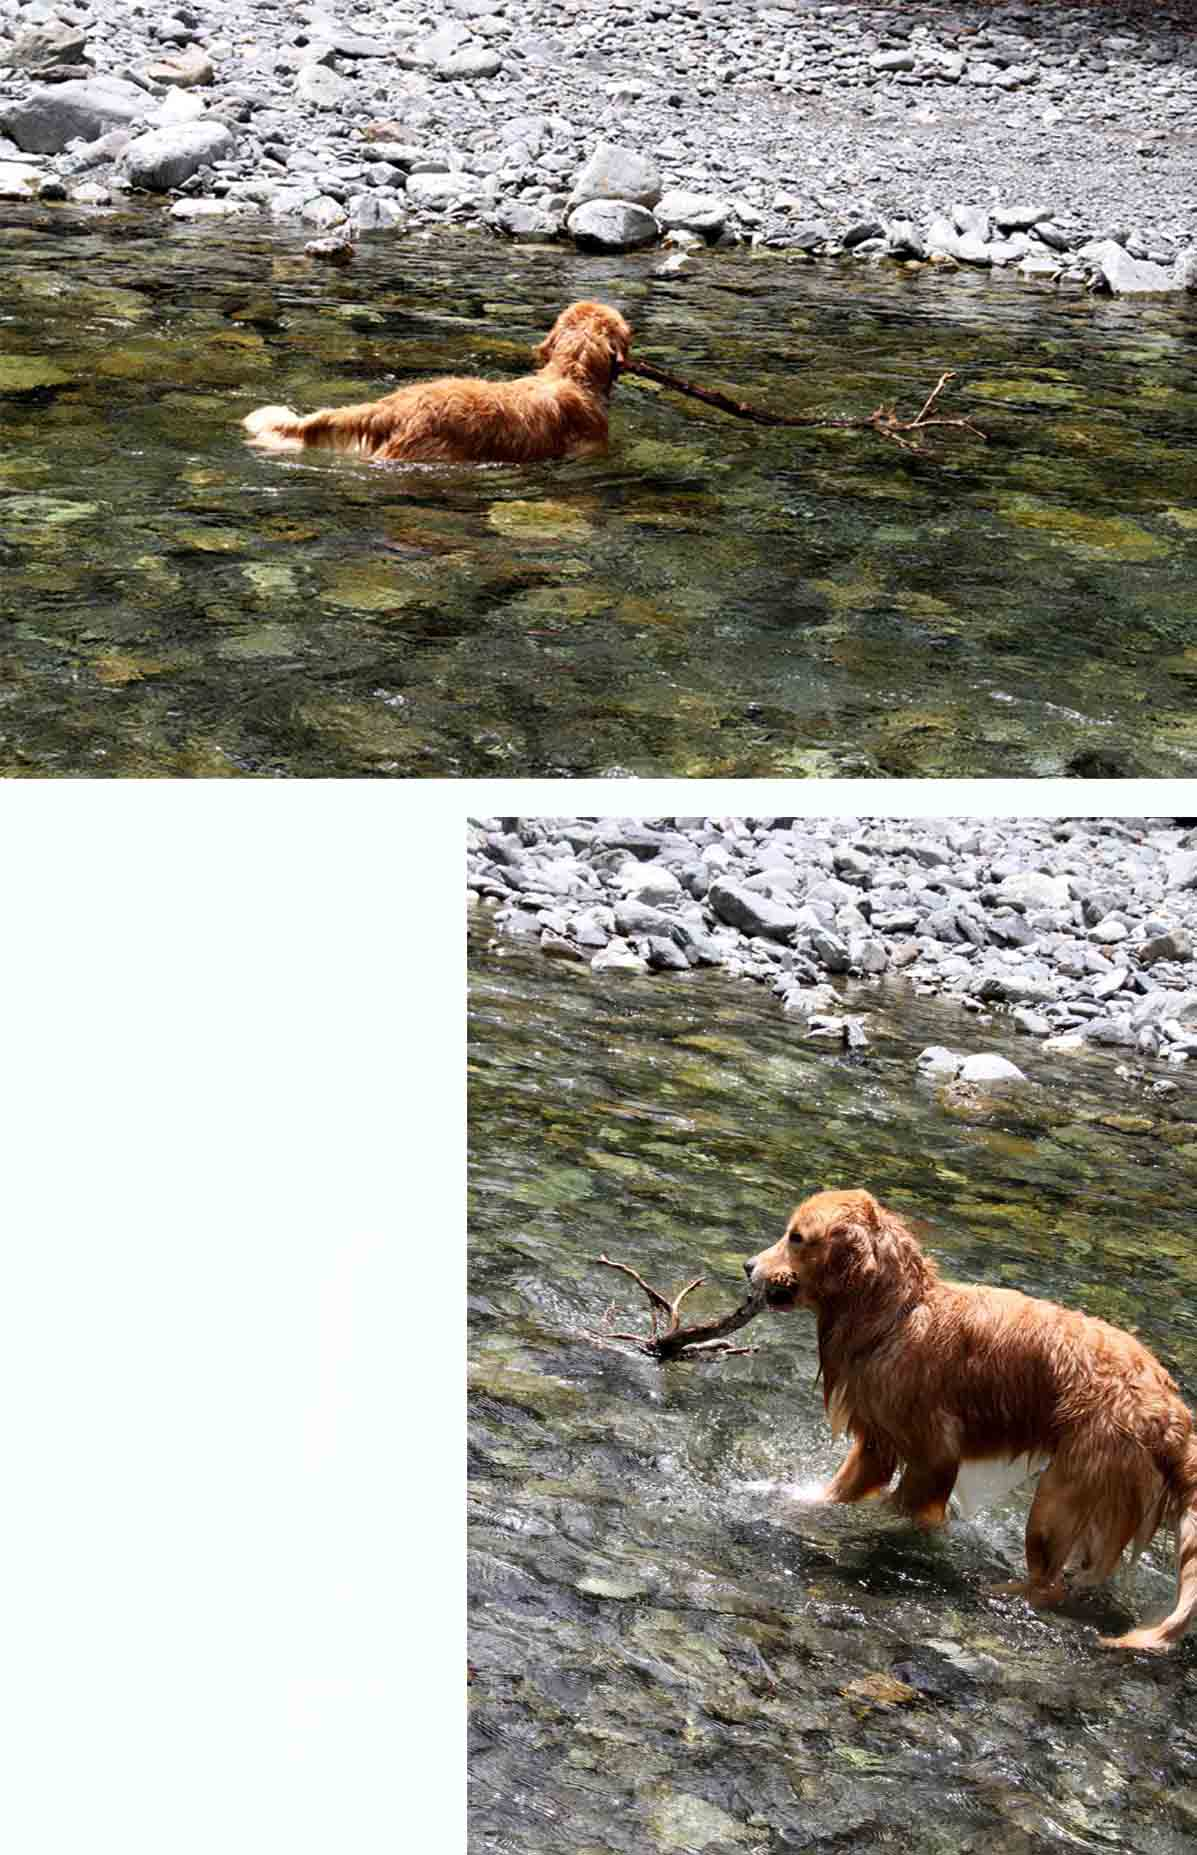 三峰川 7月14日 3度目の渓流 レトリーブ(1)